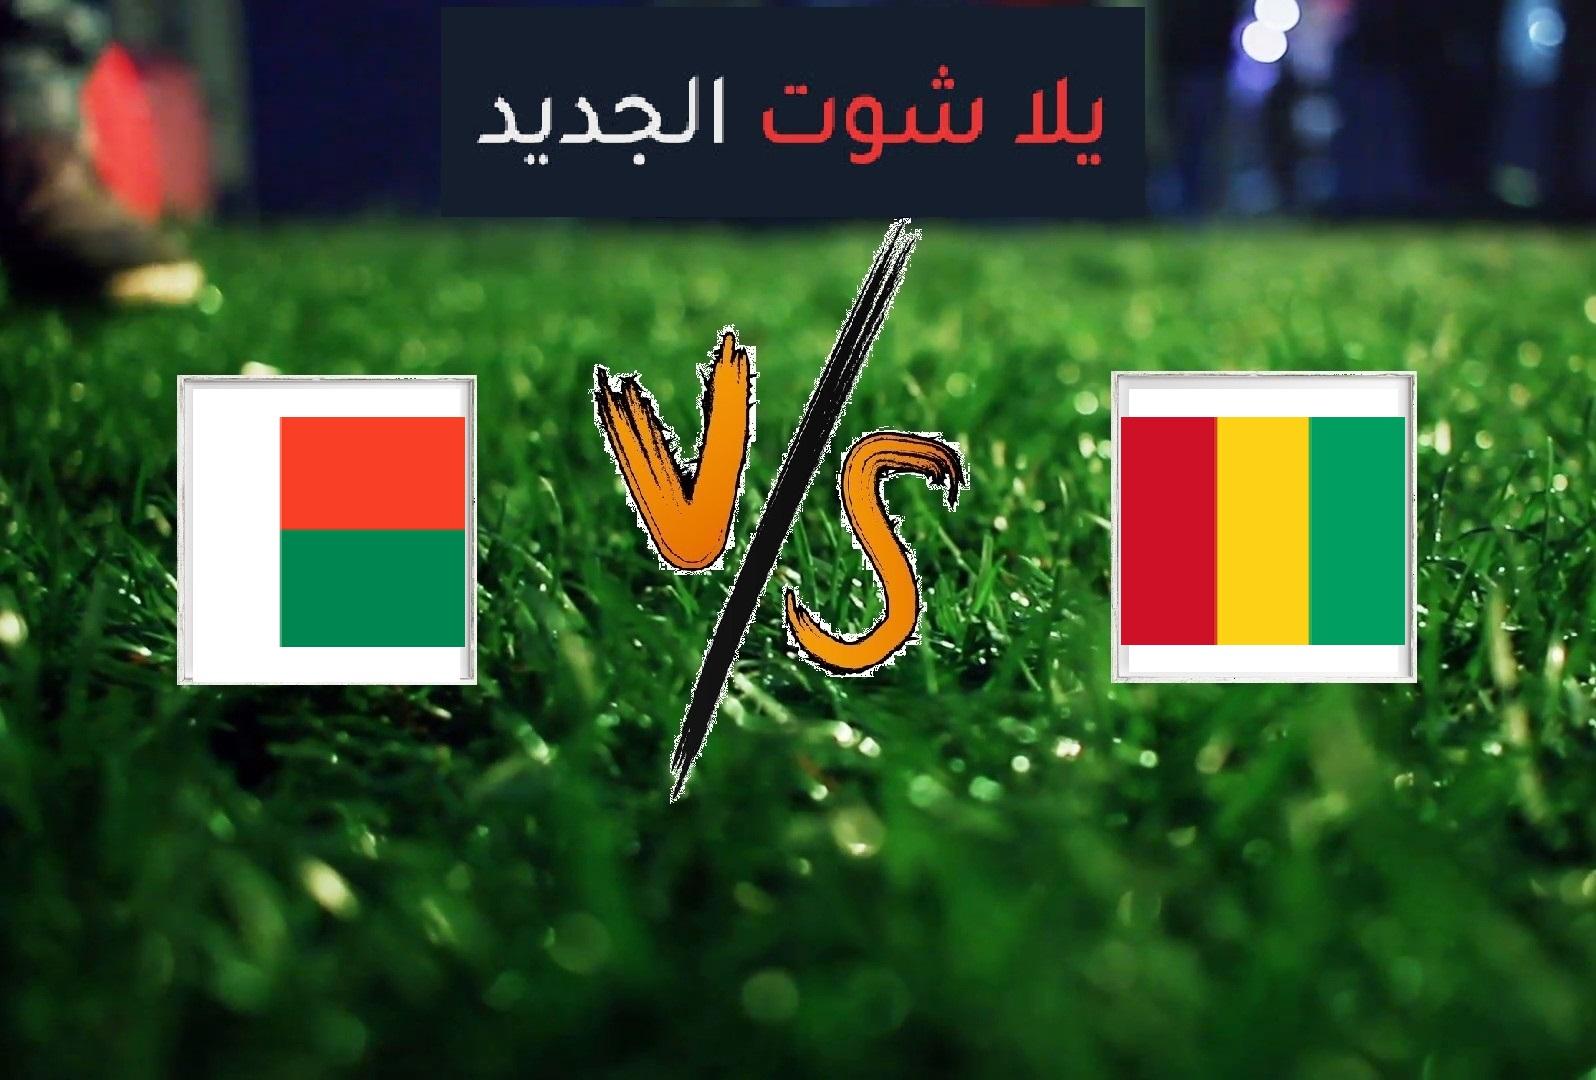 ملخص مباراة غينيا ومدغشقر بتاريخ 22-06-2019 كأس الأمم الأفريقية